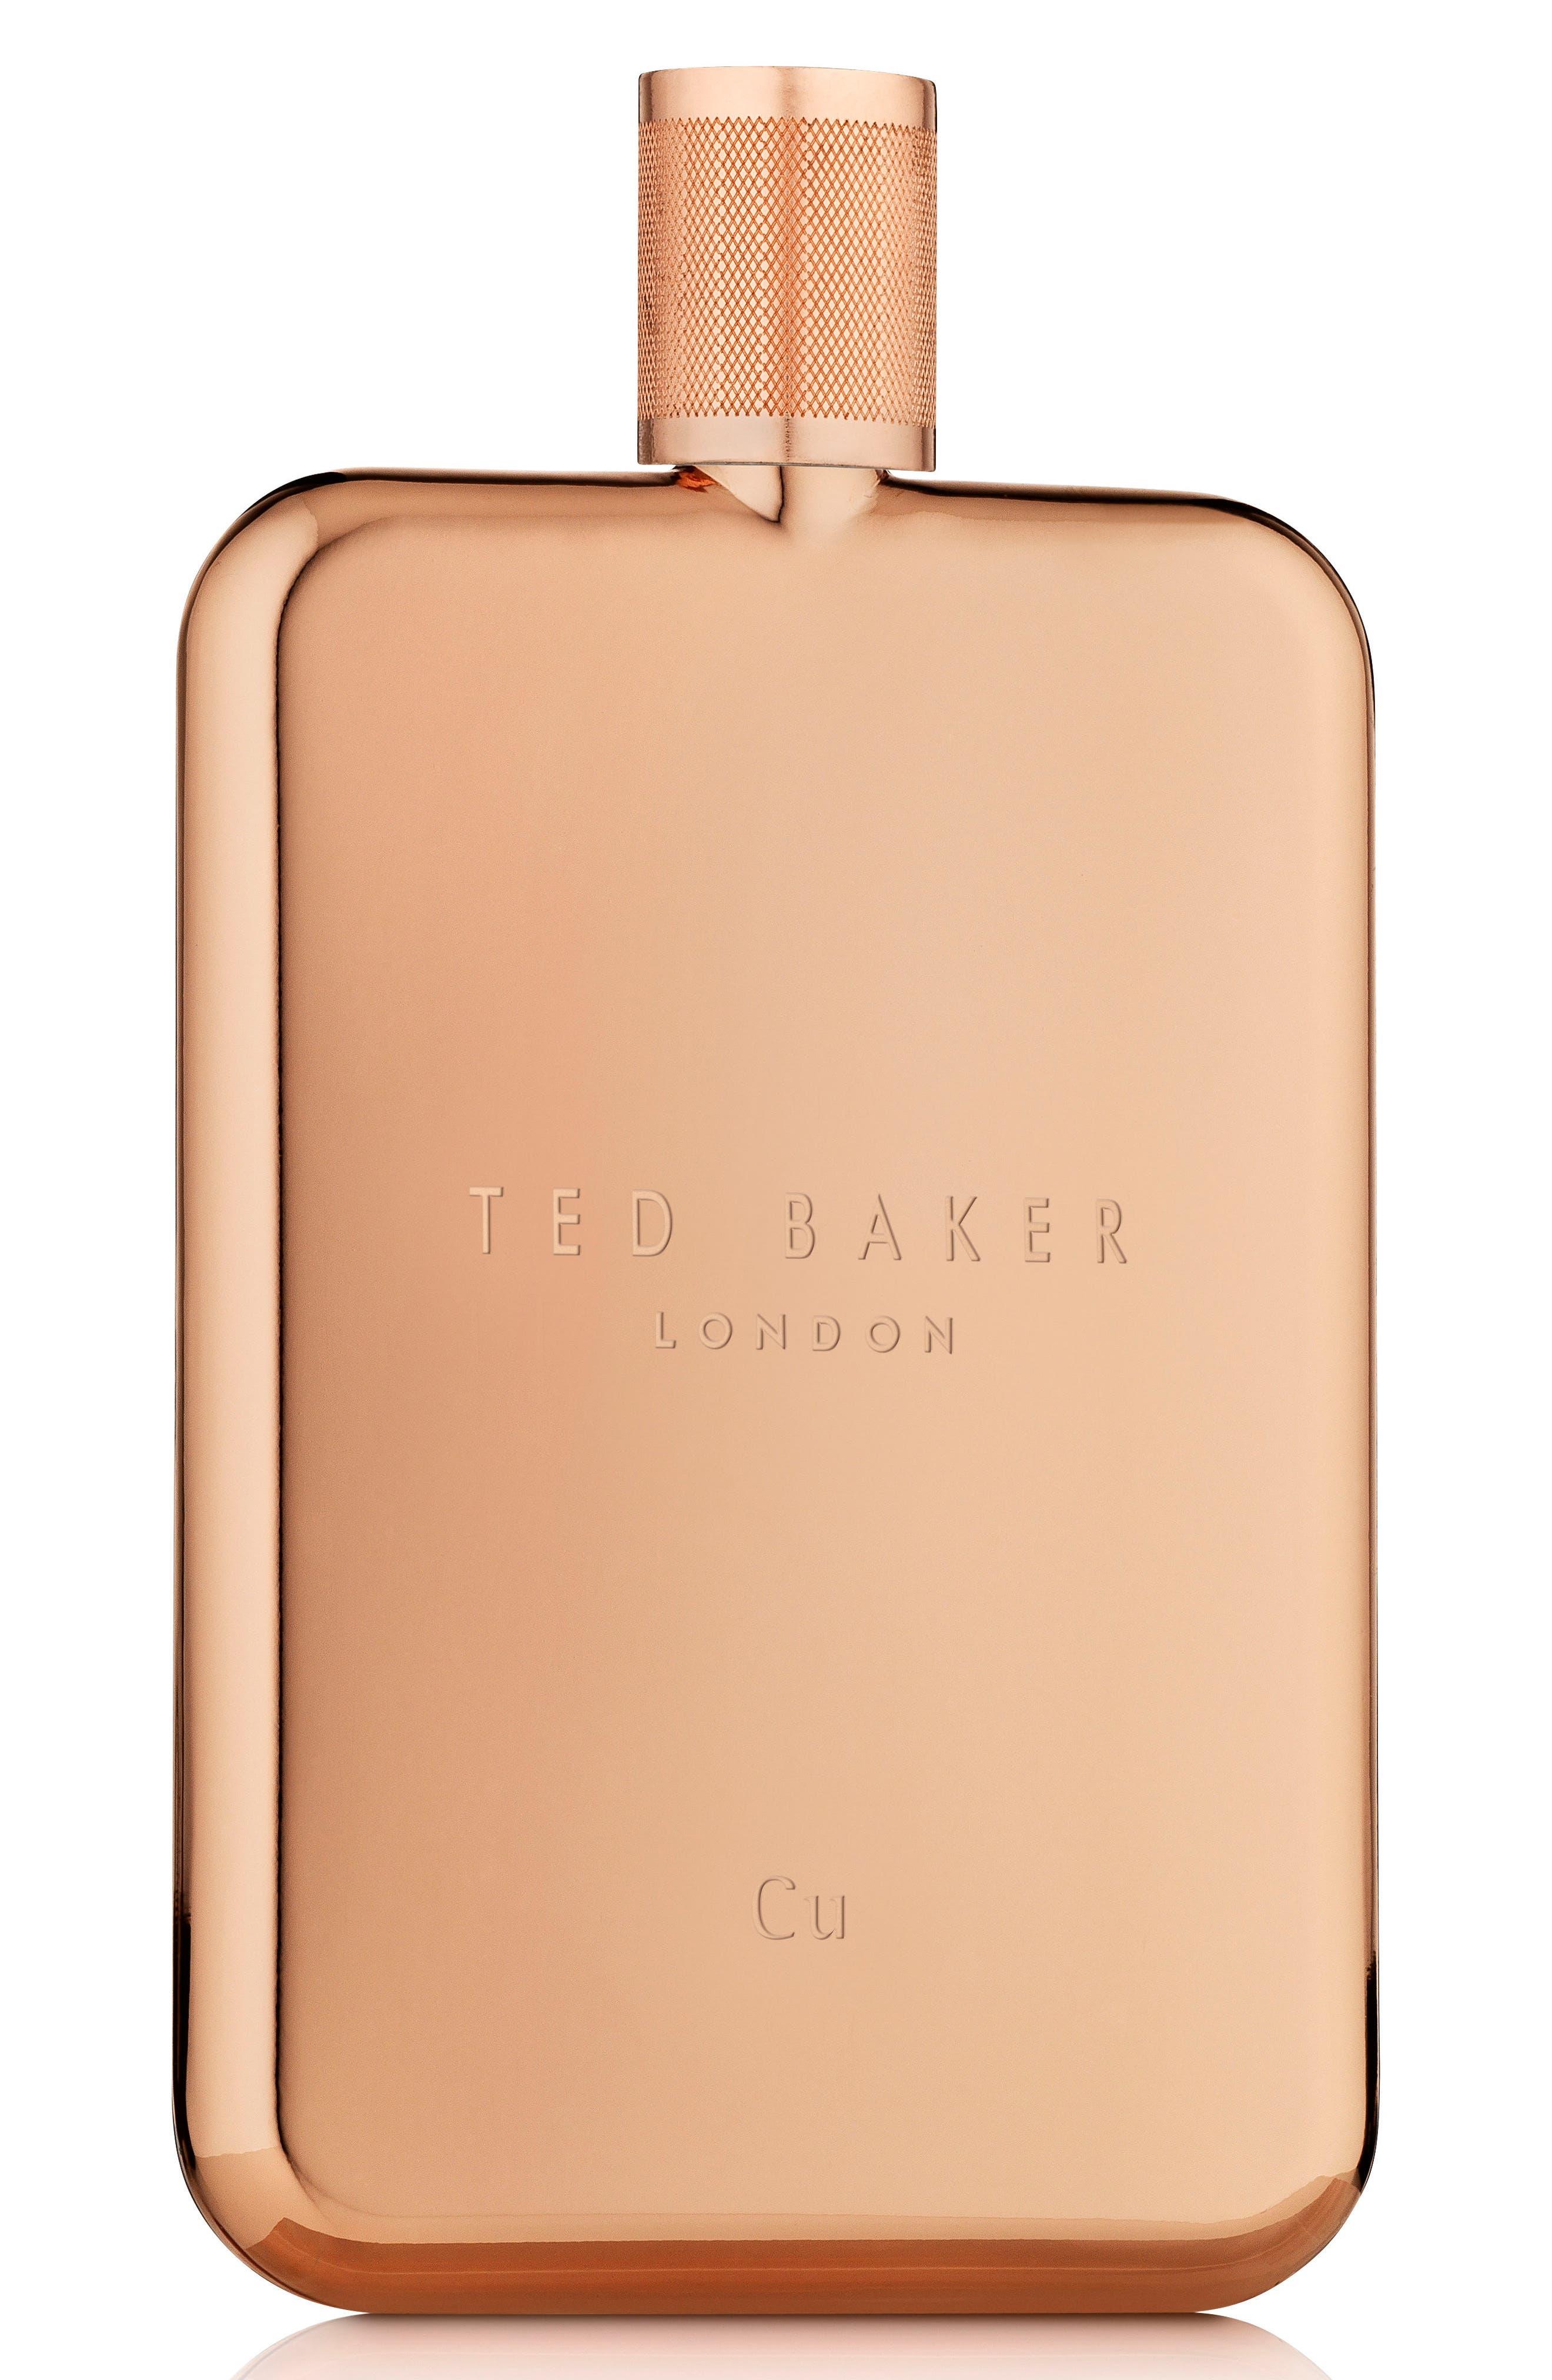 Ted Baker London Travel Tonic Cu Eau De Toilette